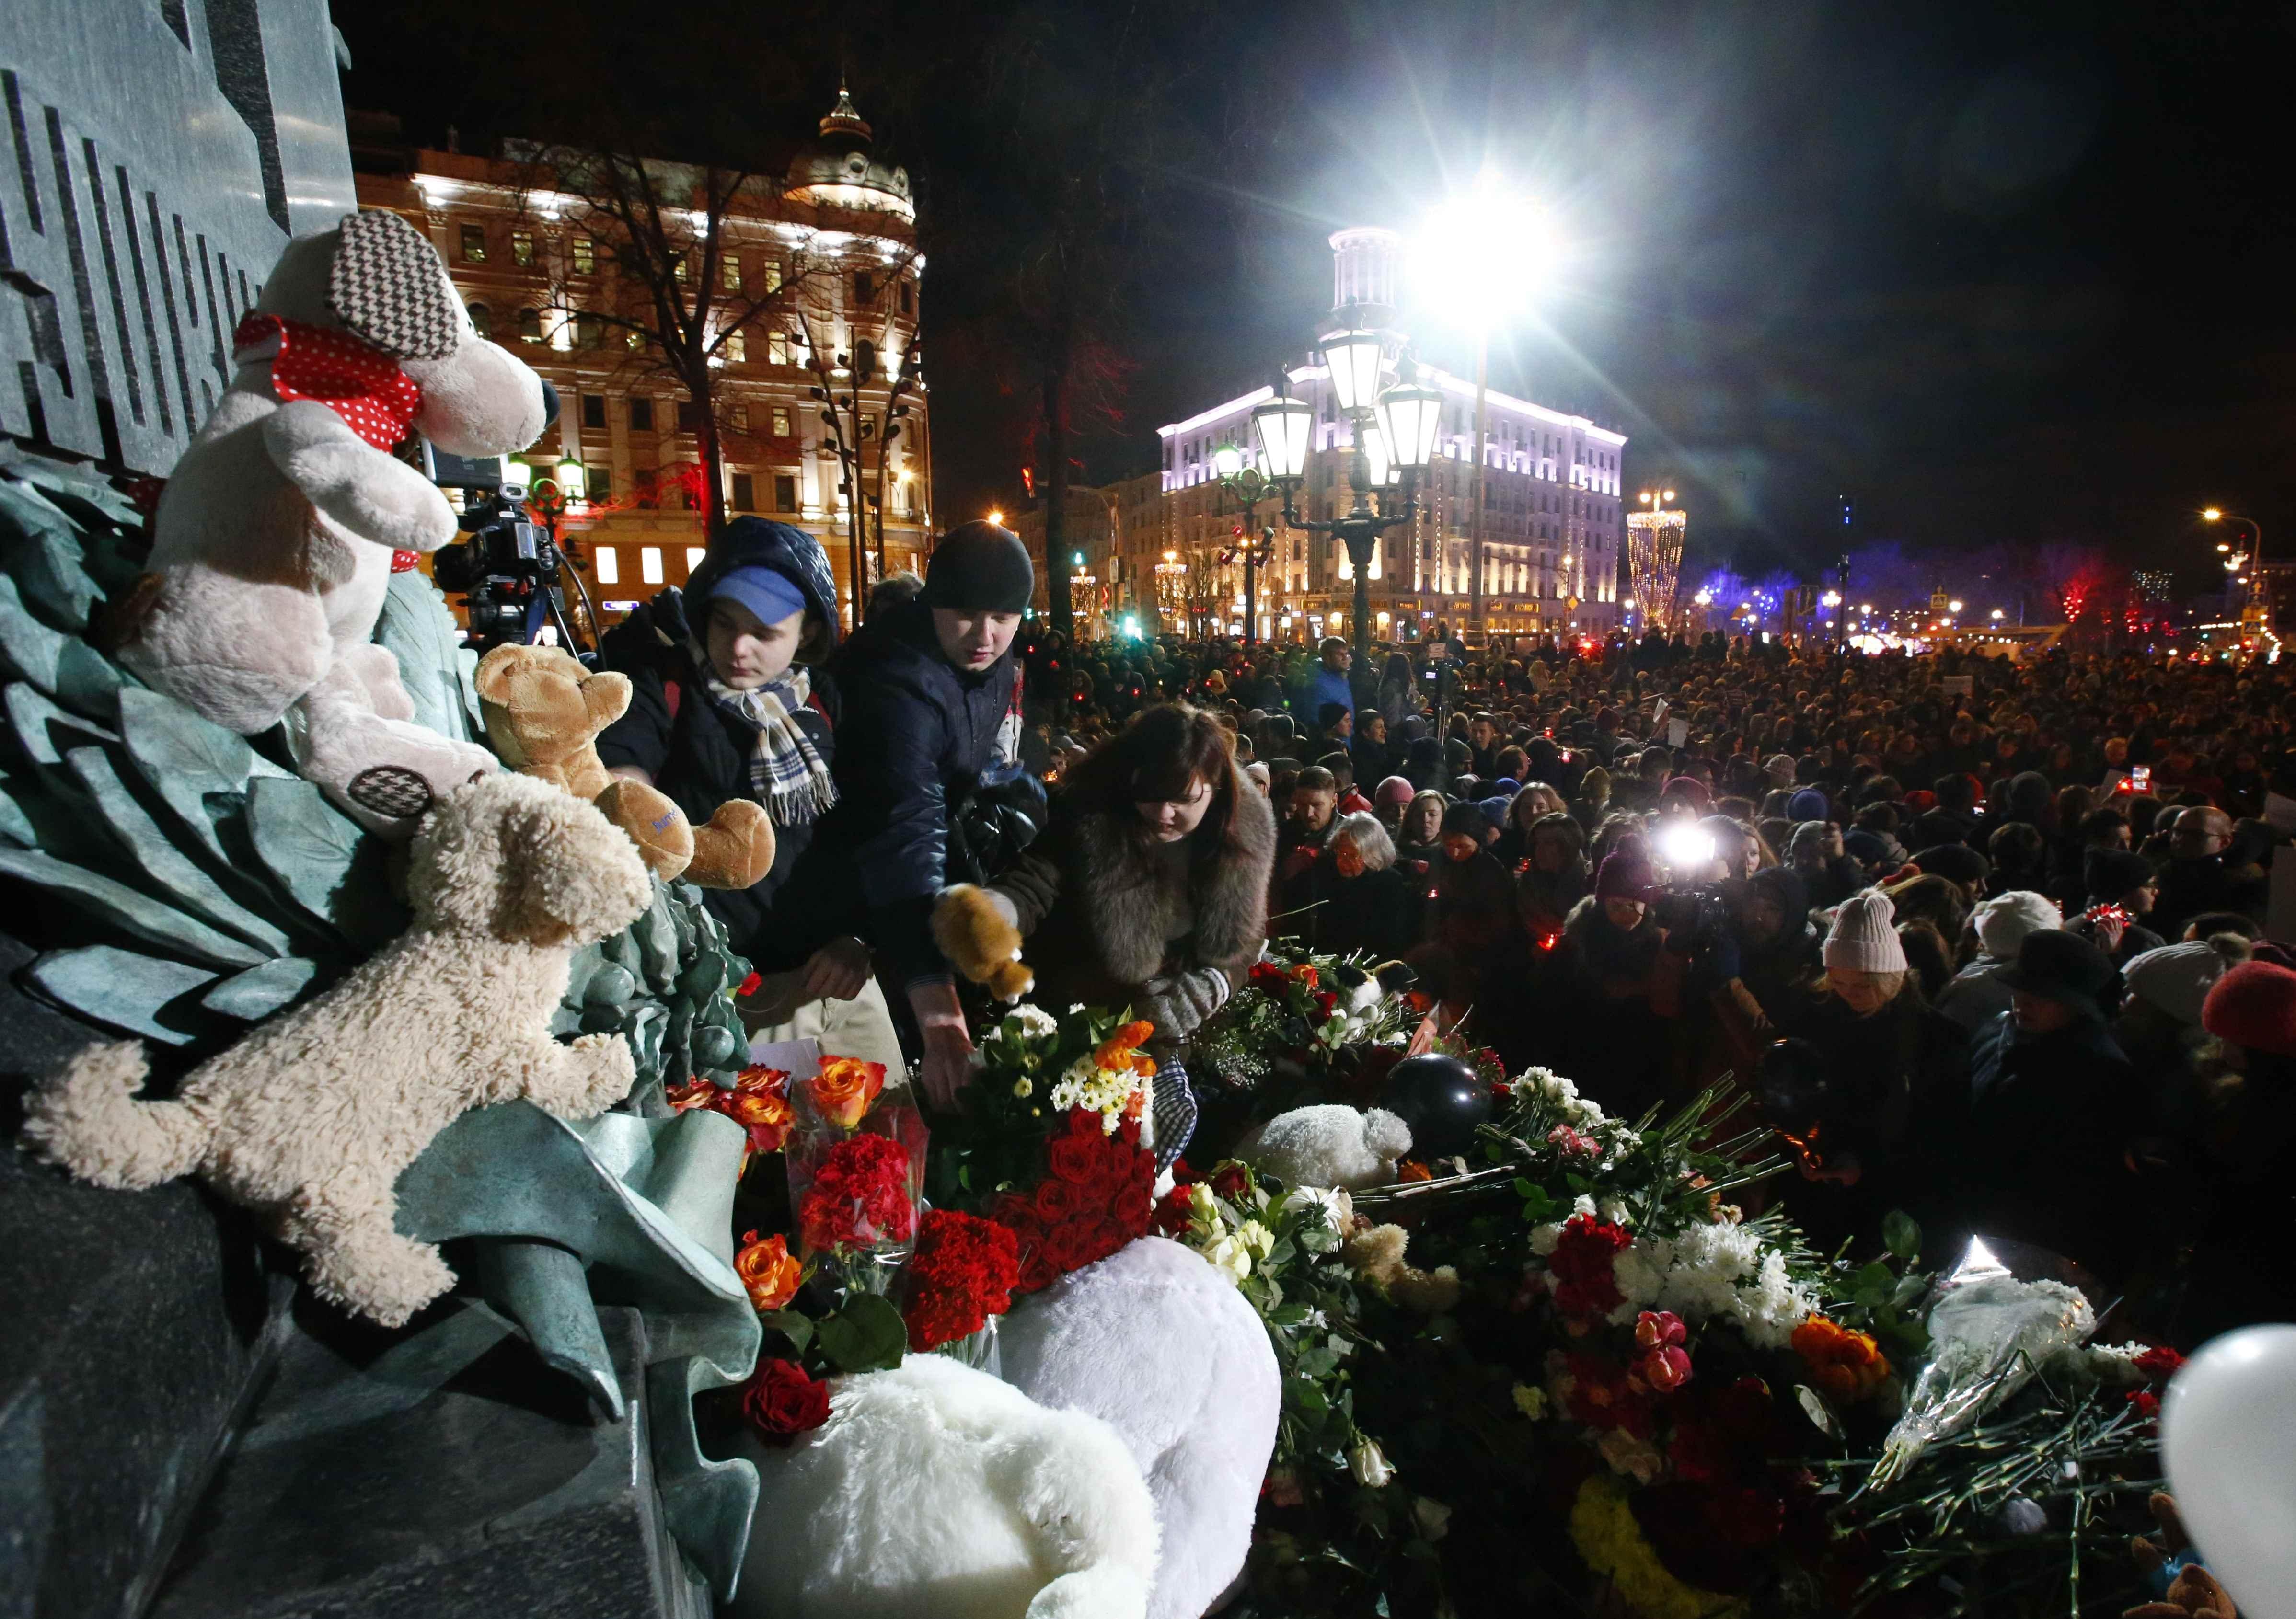 Manifestación en la plaza Pushkin en Moscú, Russia (REUTERS/Sergei Karpukhin)